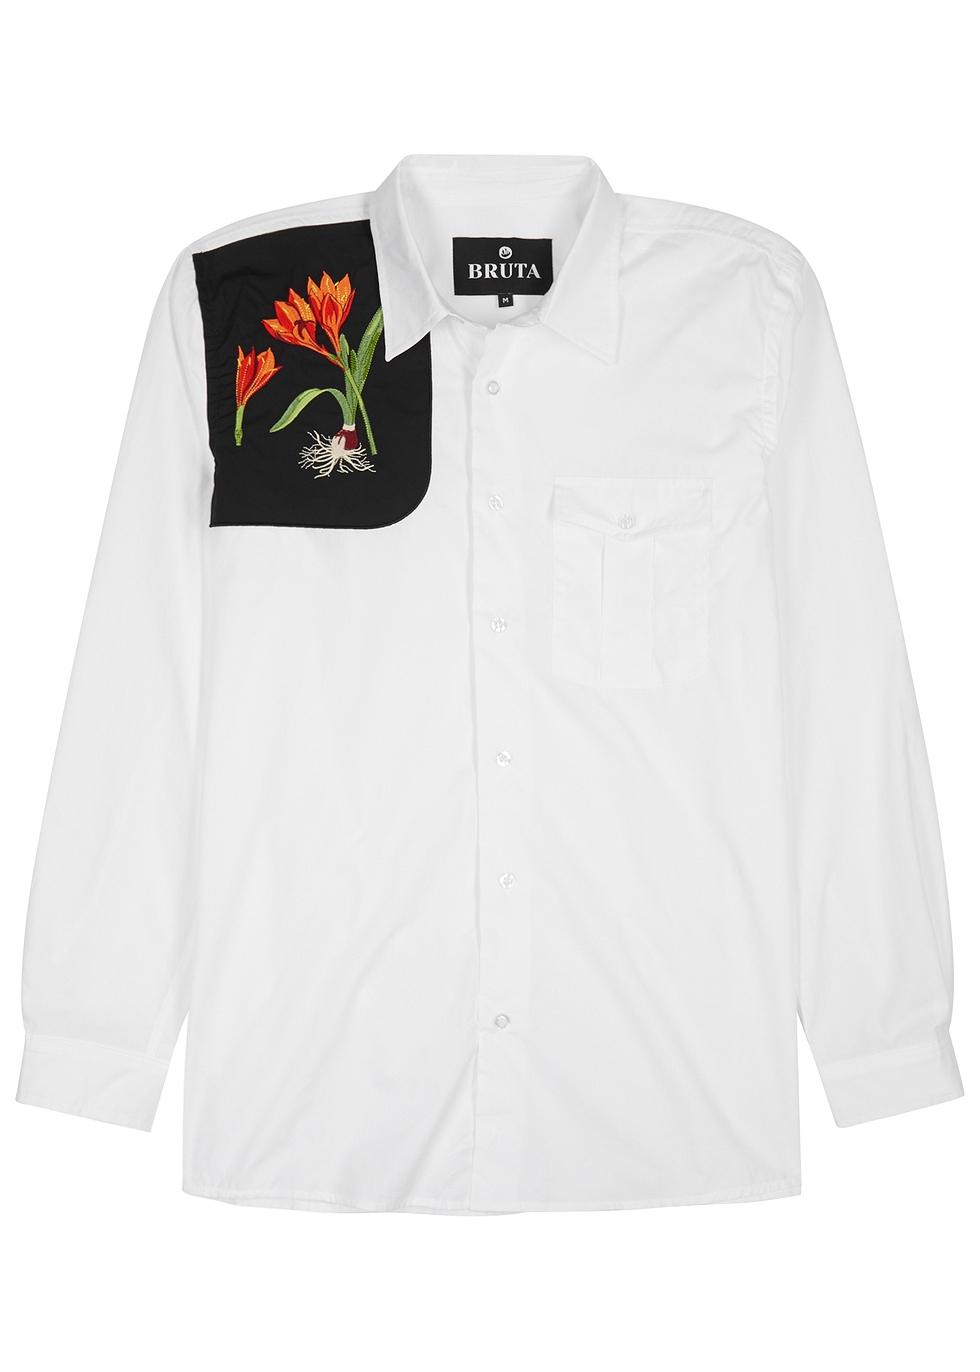 BRUTA Scarborough Lily White Cotton Shirt